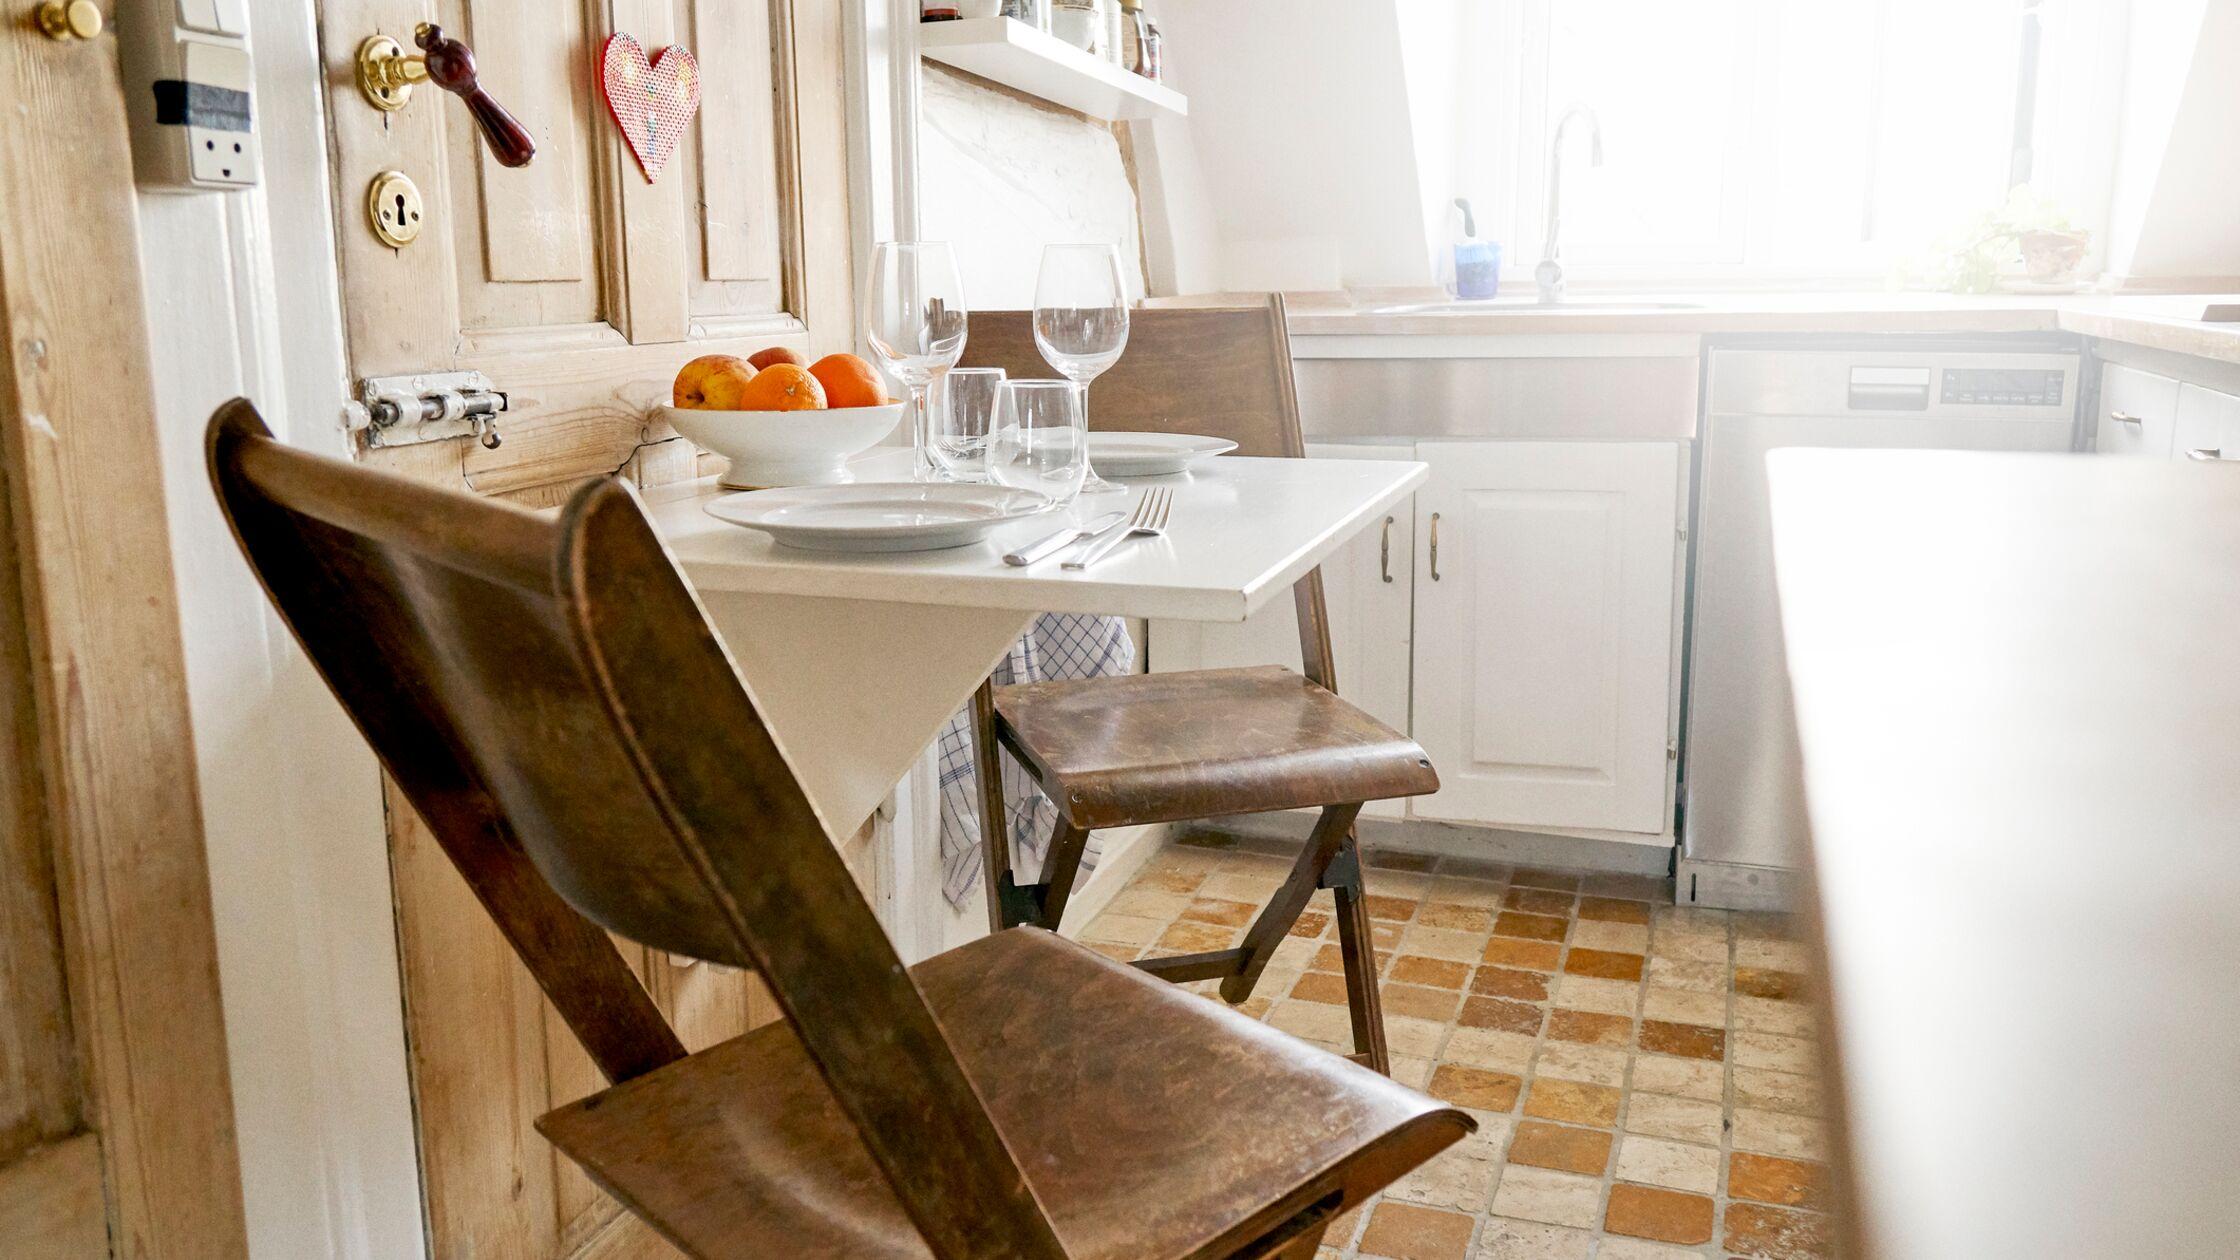 Full Size of Dachgeschosswohnung Einrichten Stauraum Schaffen 4 Ideen Fr Kleine Wohnungen Küche Badezimmer Wohnzimmer Dachgeschosswohnung Einrichten